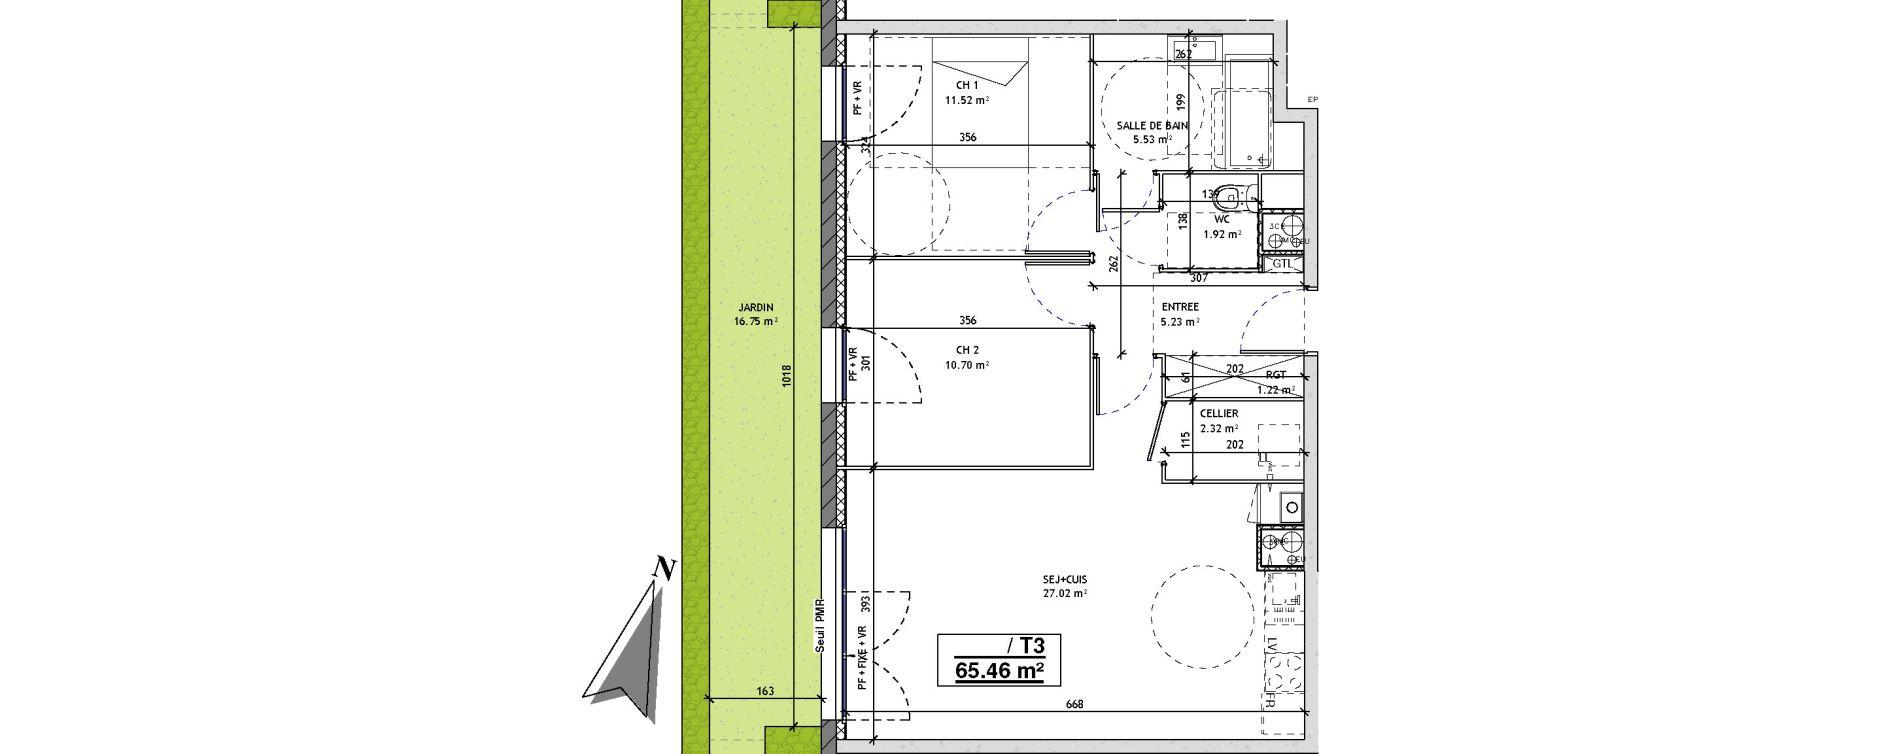 Appartement T3 de 65,46 m2 à Mons-En-Barœul Centre